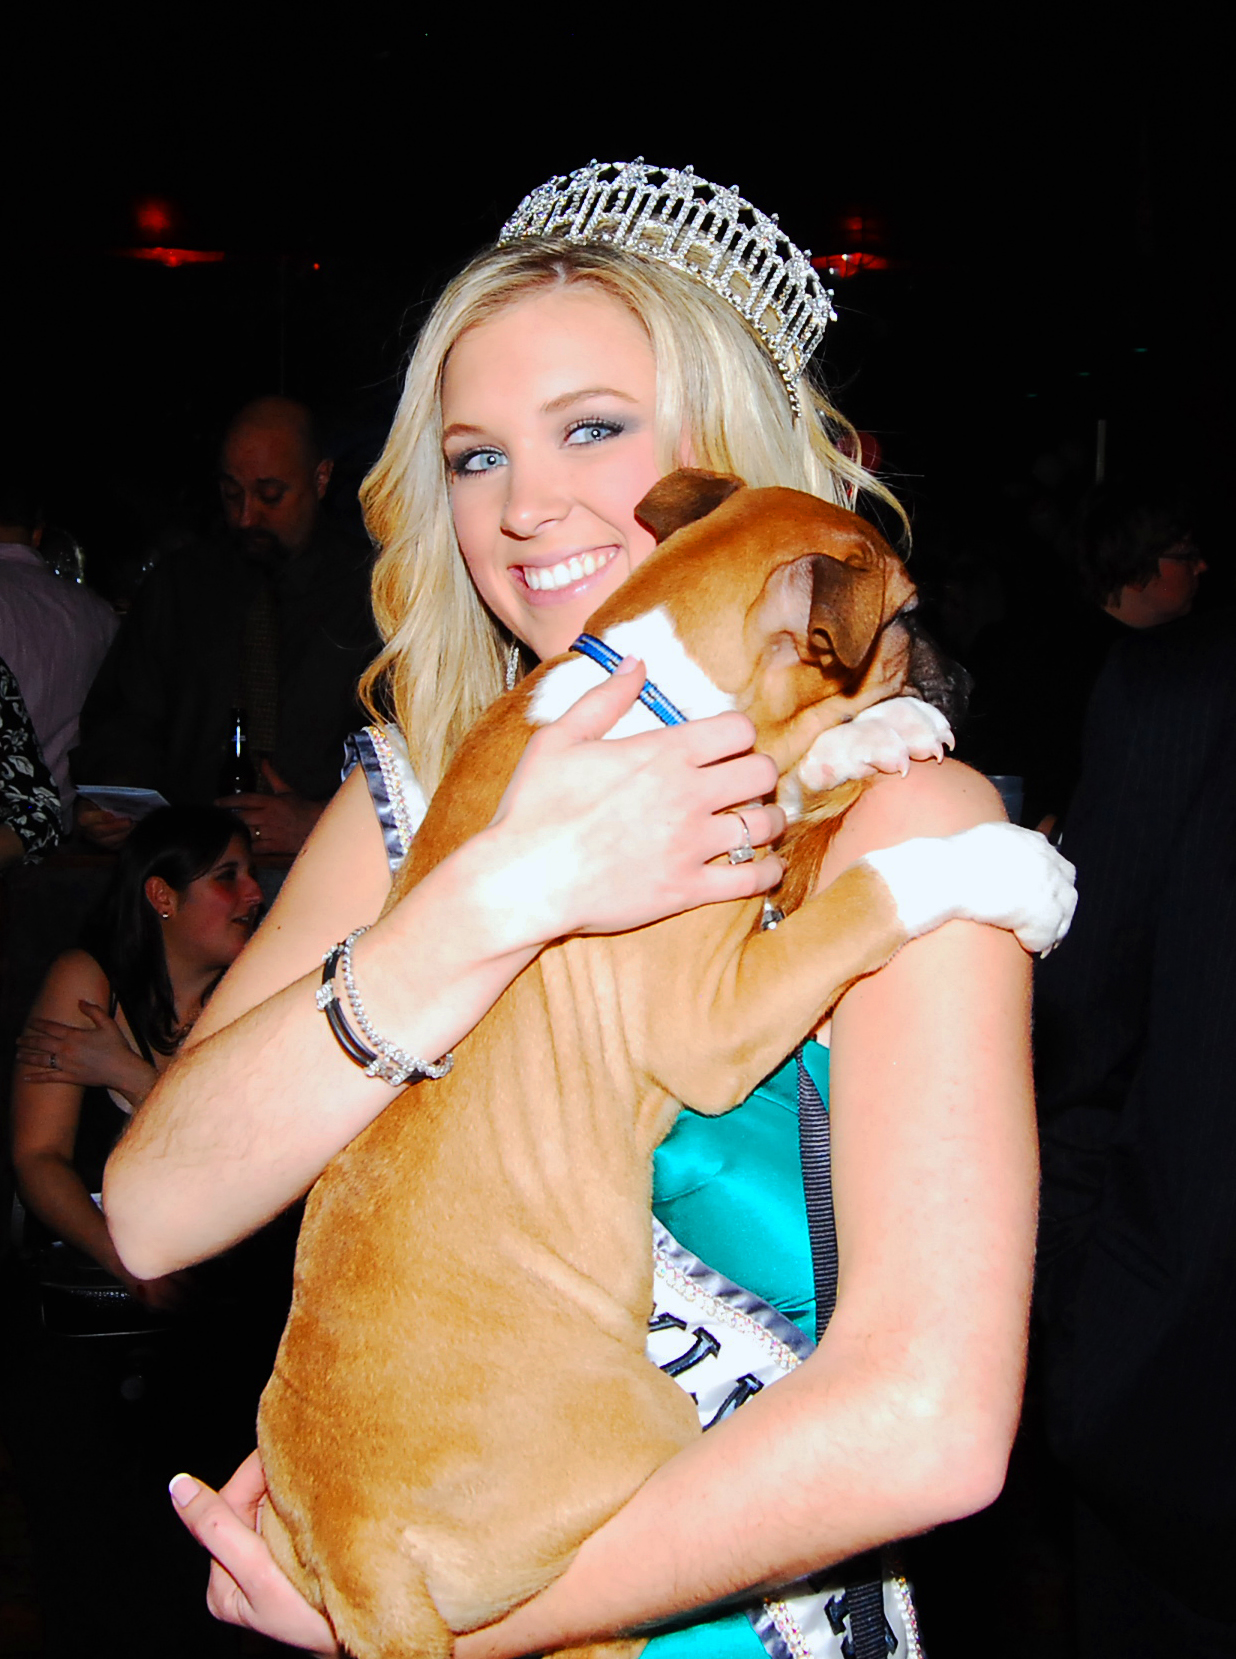 Miss teen pennsylvania 2009